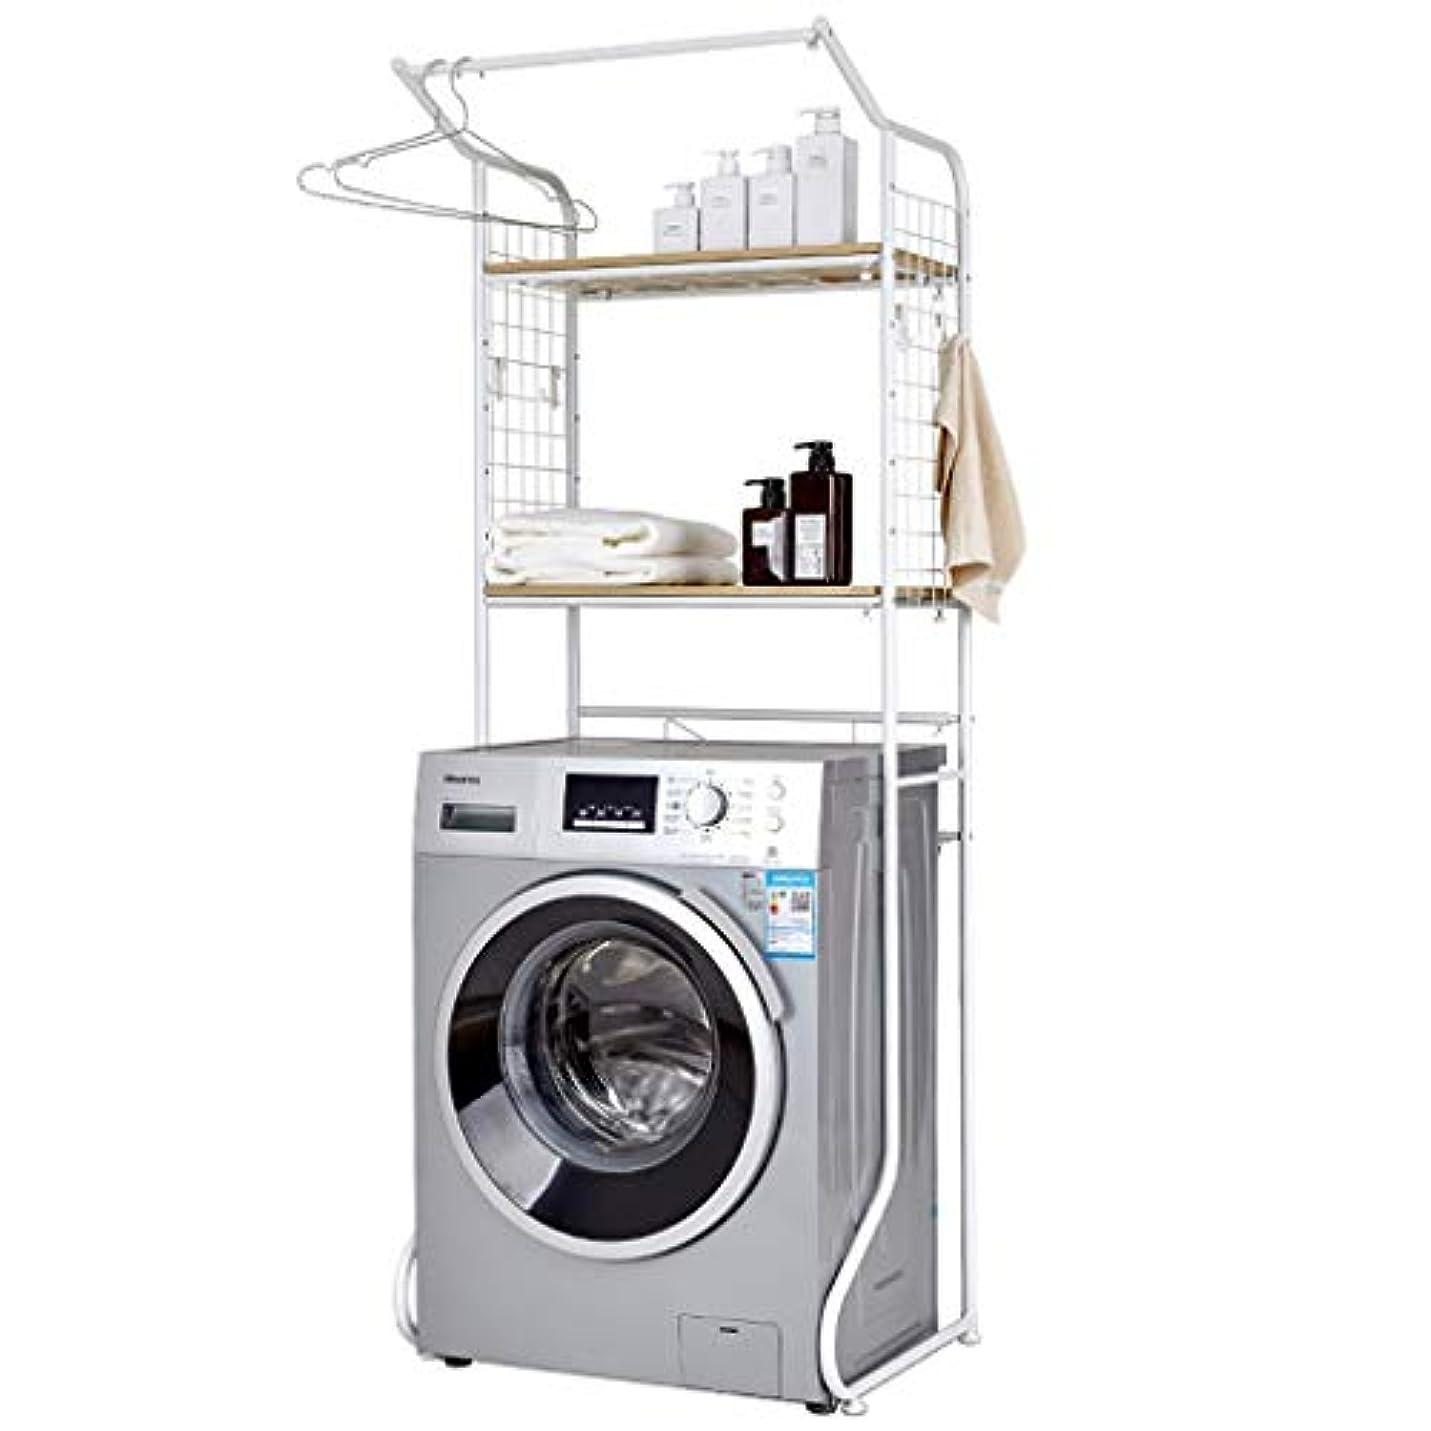 国民投票望まない胃浴室用シェルフ 棚トイレラックトイレ床ダブル板ラック仕上げ収納ラックの上の錬鉄製の洗濯機幅は格納式ですサイズ:64.5-98.5cm * 50cm * 175cm バスルーム収納